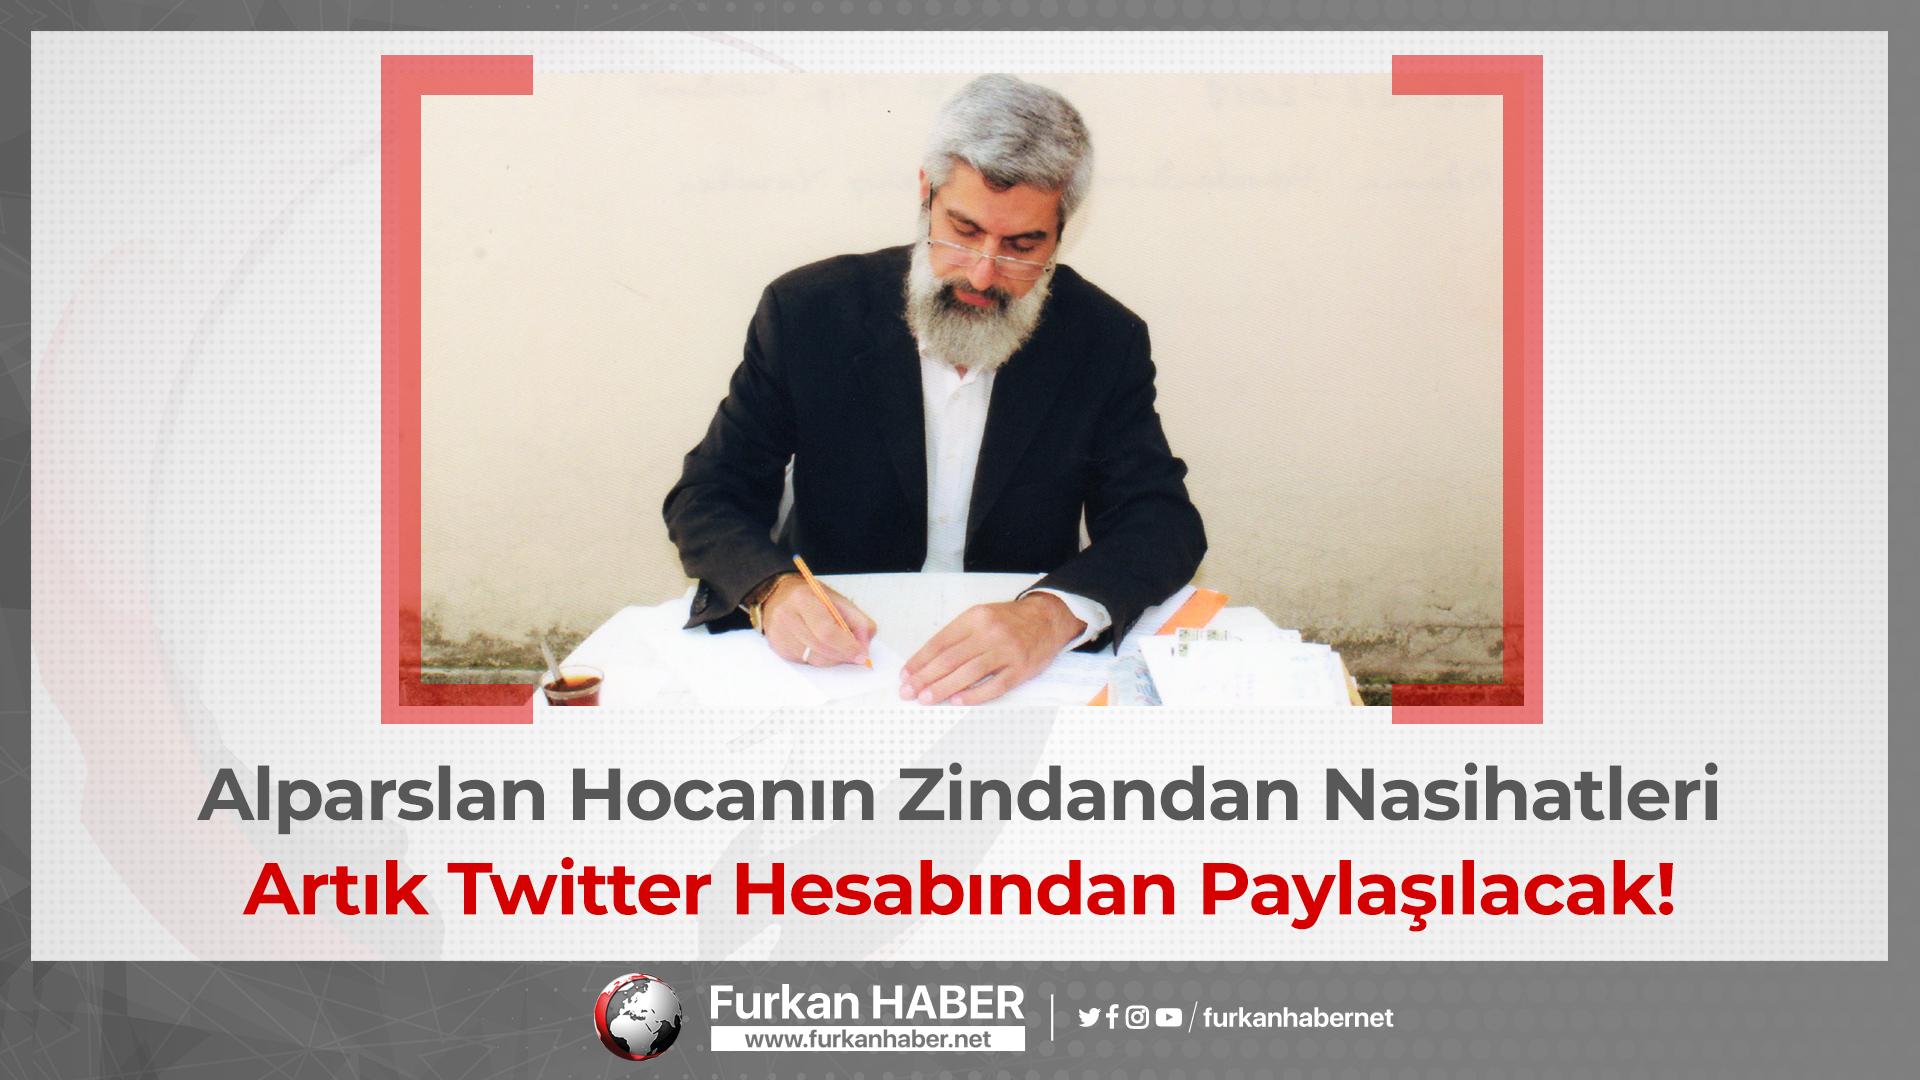 Alparslan Hocanın Zindandan Nasihatleri Artık Twitter Hesabından Paylaşılacak!